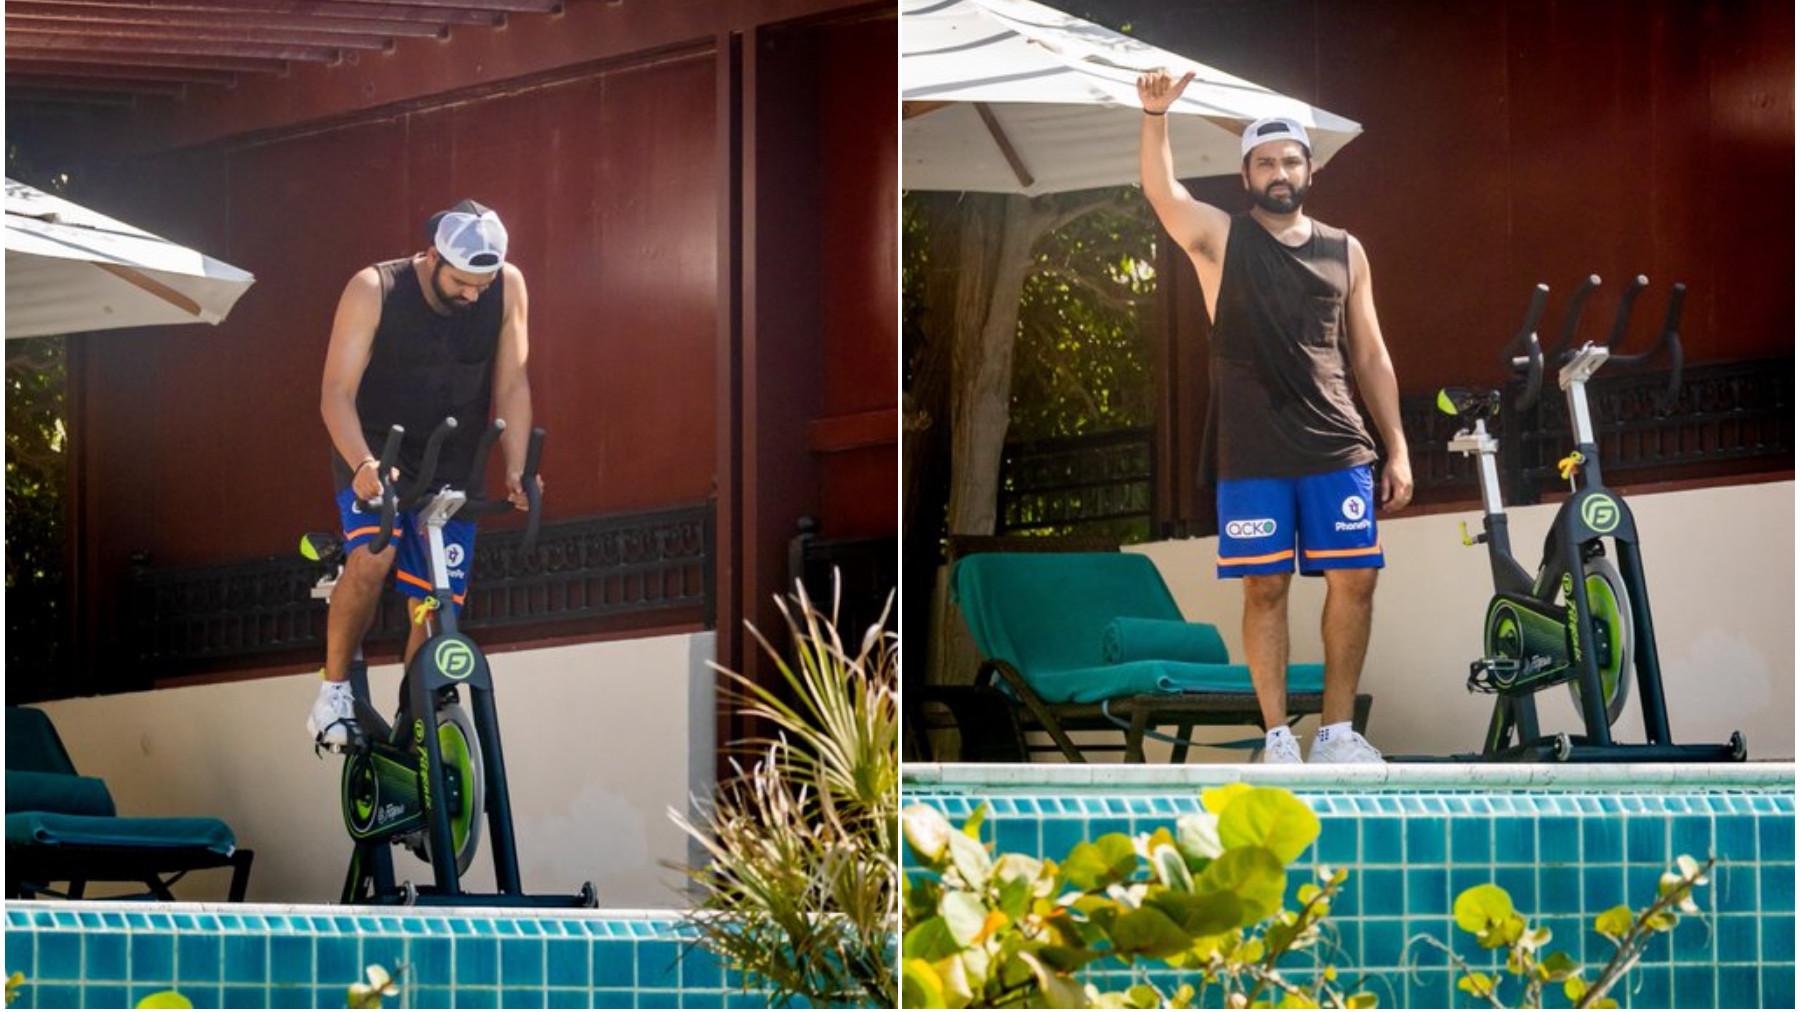 IPL 2021: PICS- Mumbai Indians' captain Rohit Sharma begins training in quarantine